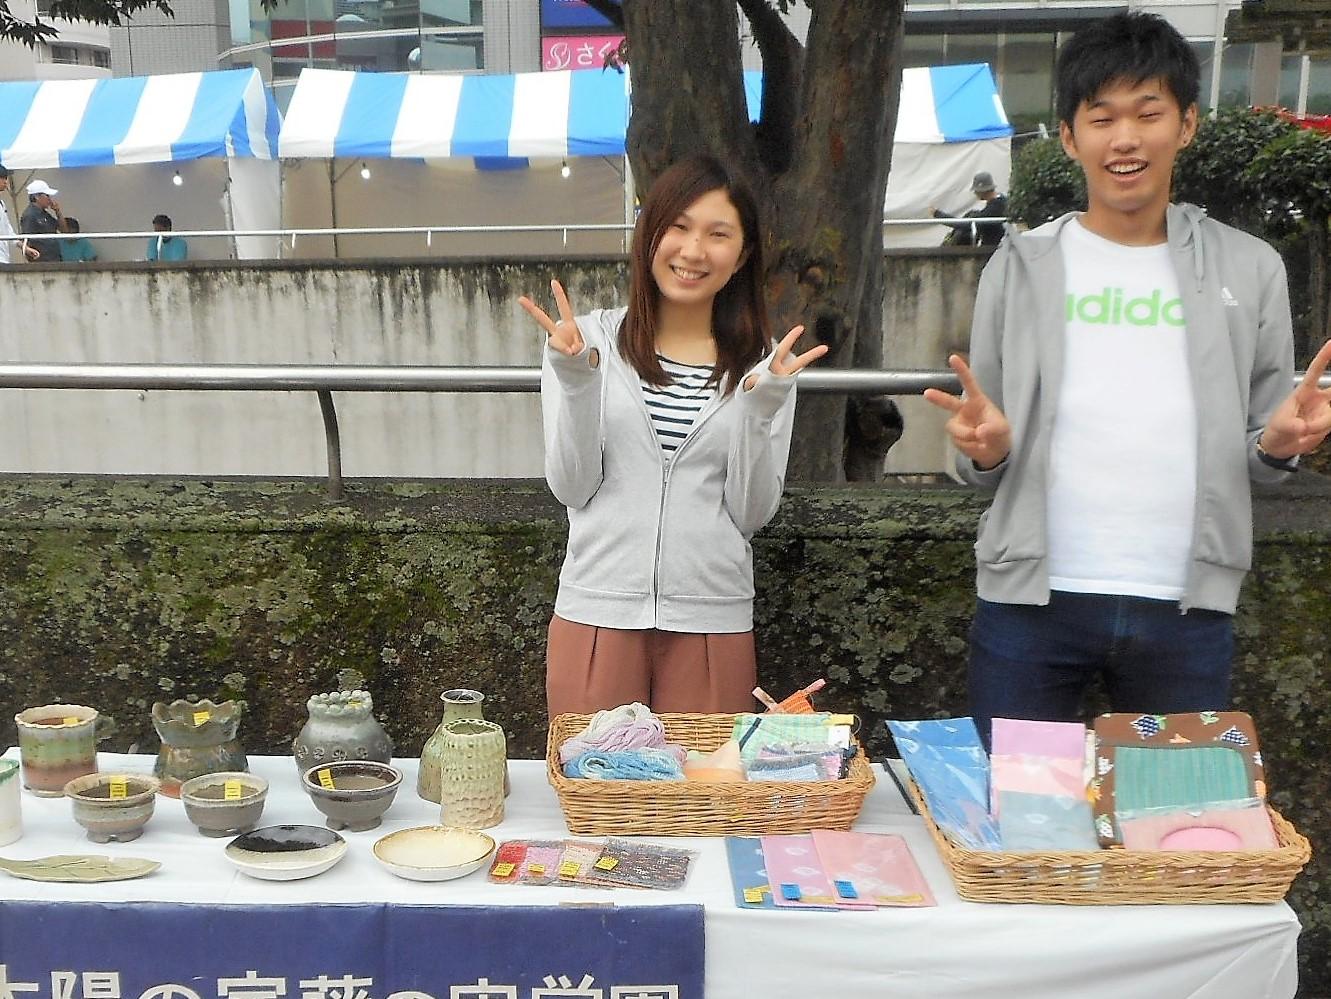 太陽の家藤の実学園より「藤沢市民まつり、希望寄席でバザー販売を行いました!」の報告です!